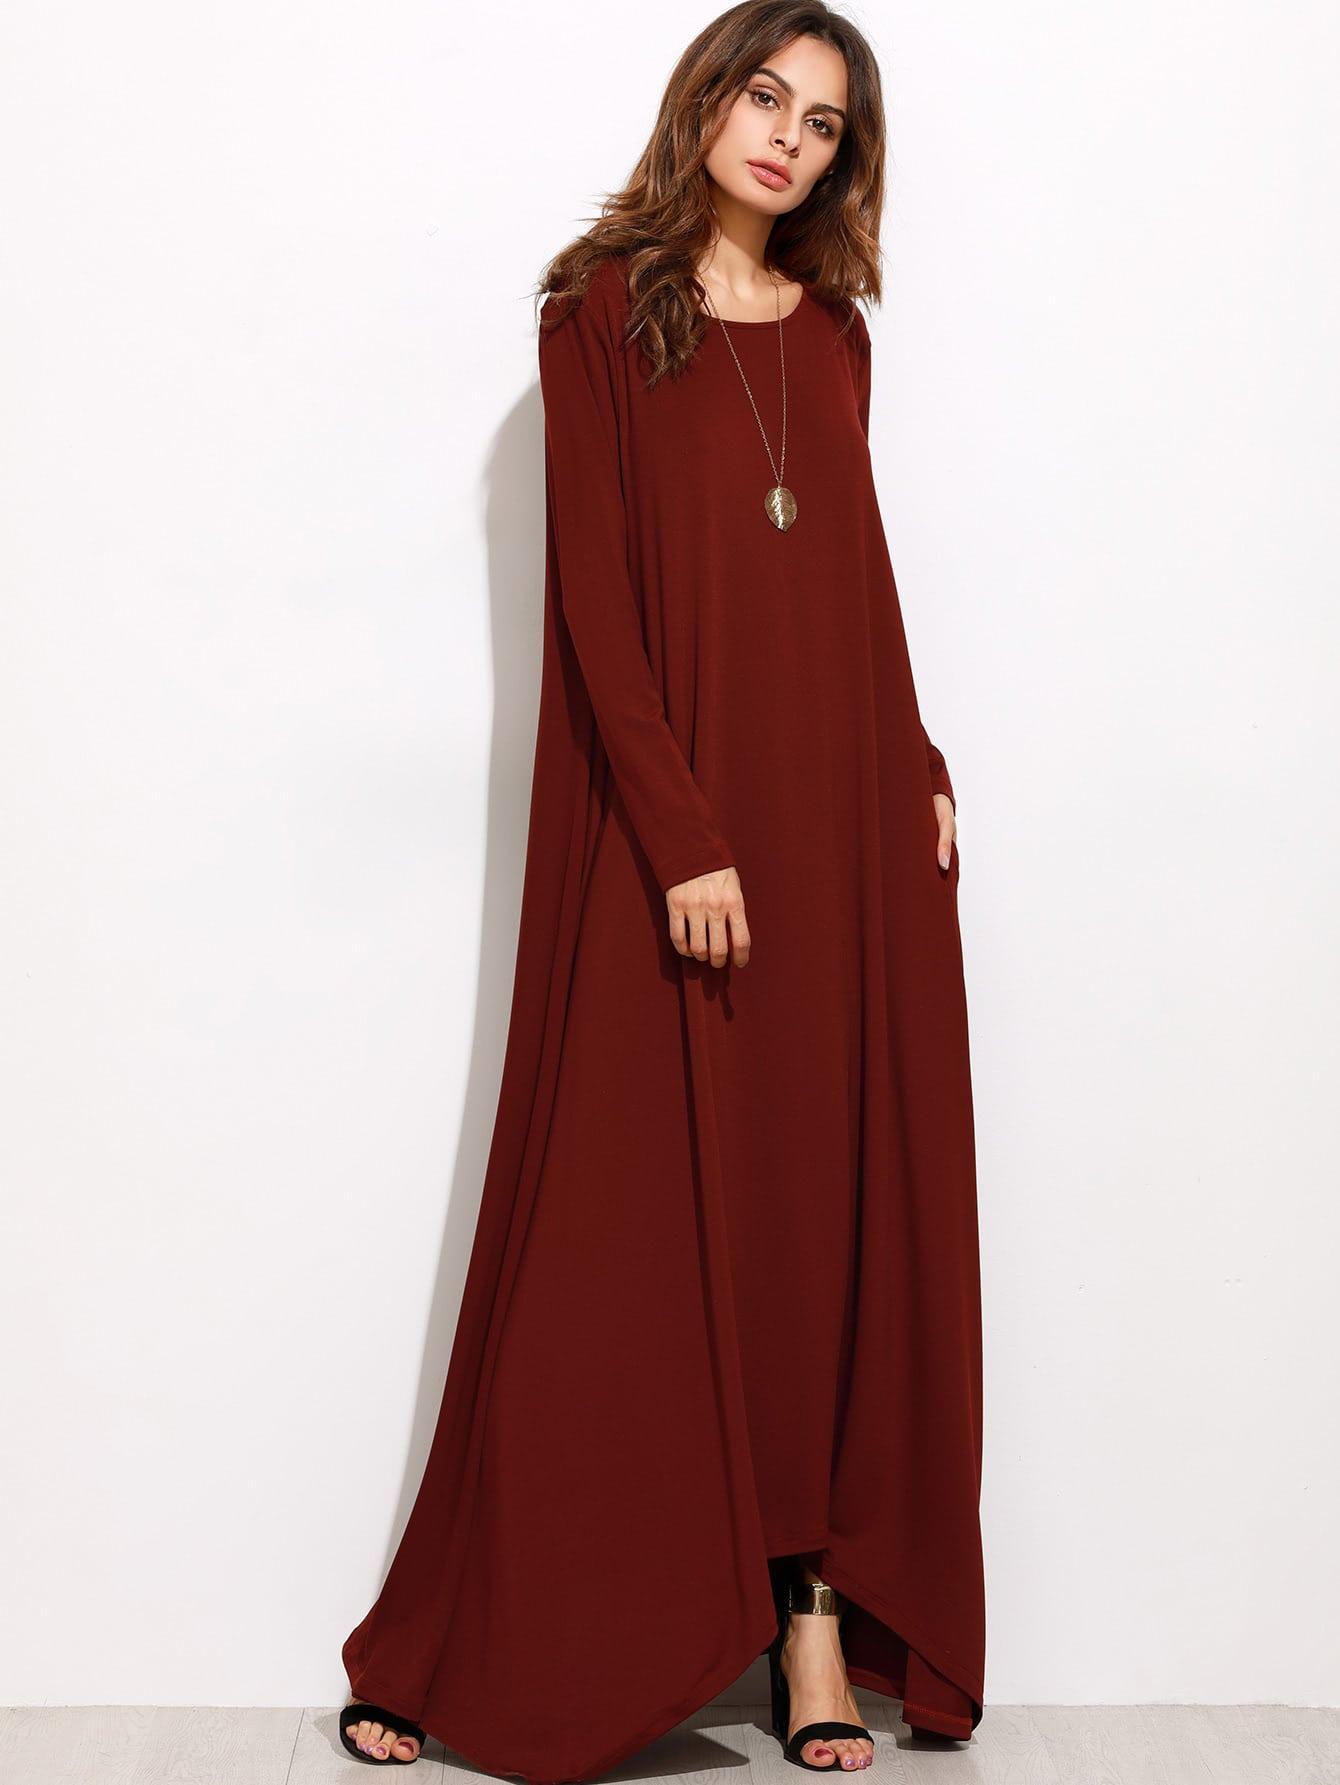 dress161006403_2